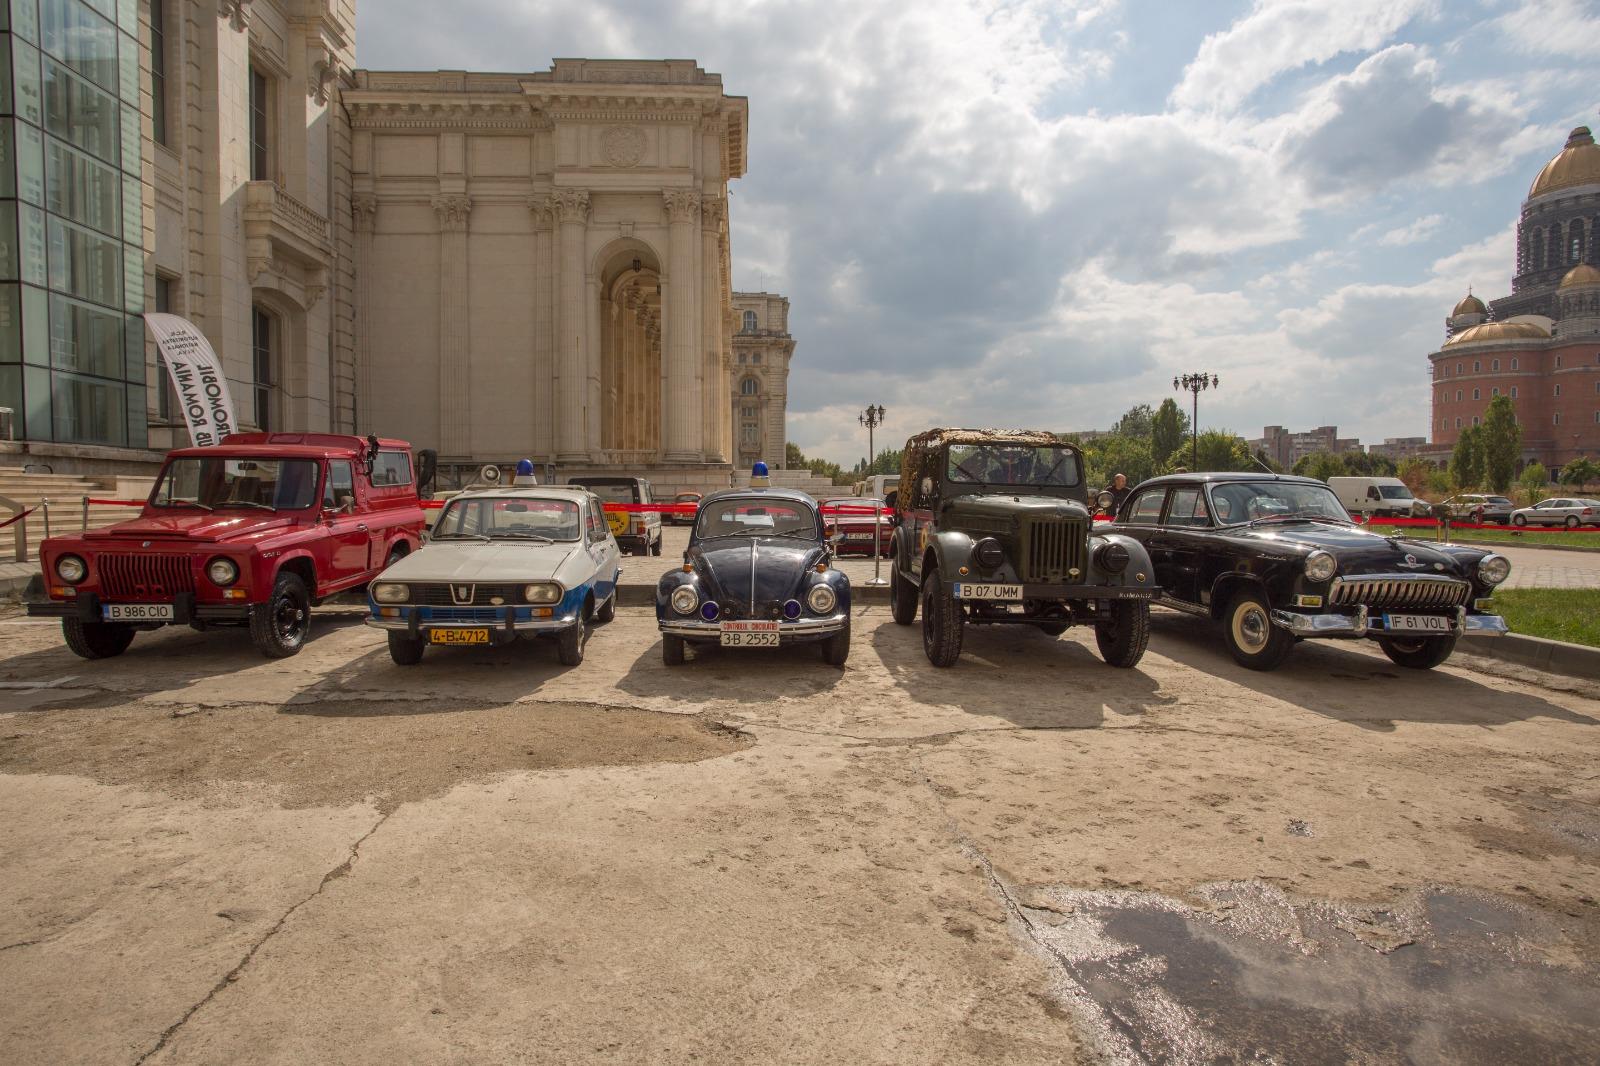 """Mașinile cu care aduceam mielul la București în comunism vă așteaptă la Casa Poporului, la MNAC. """"Socialistele orașului"""", senzație de weekend"""